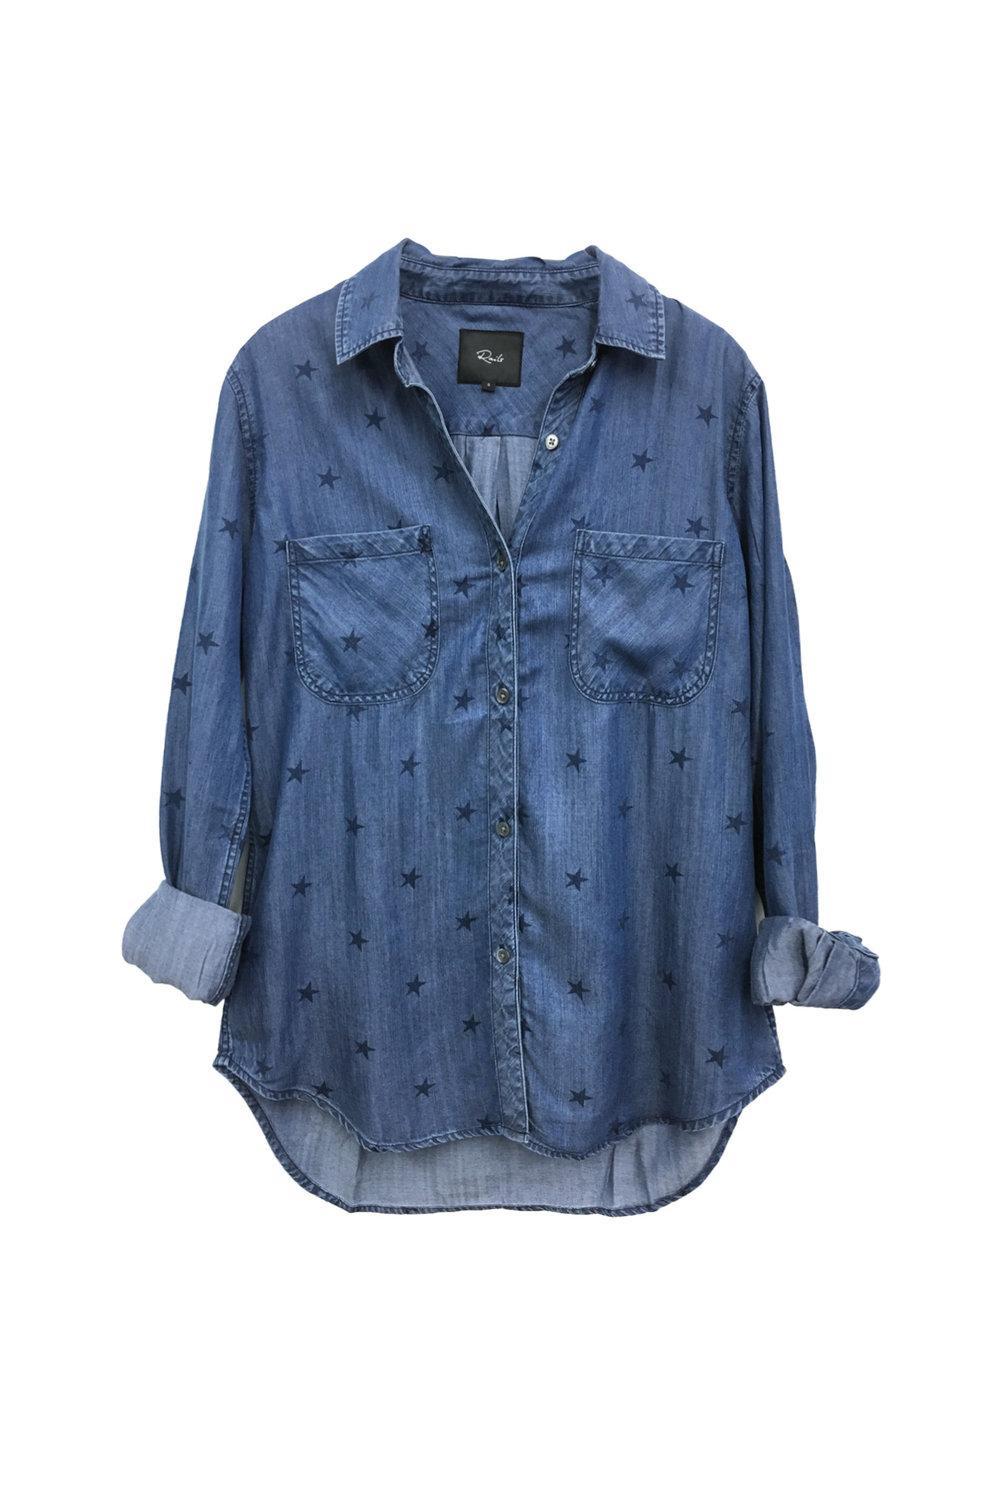 rails denim shirt